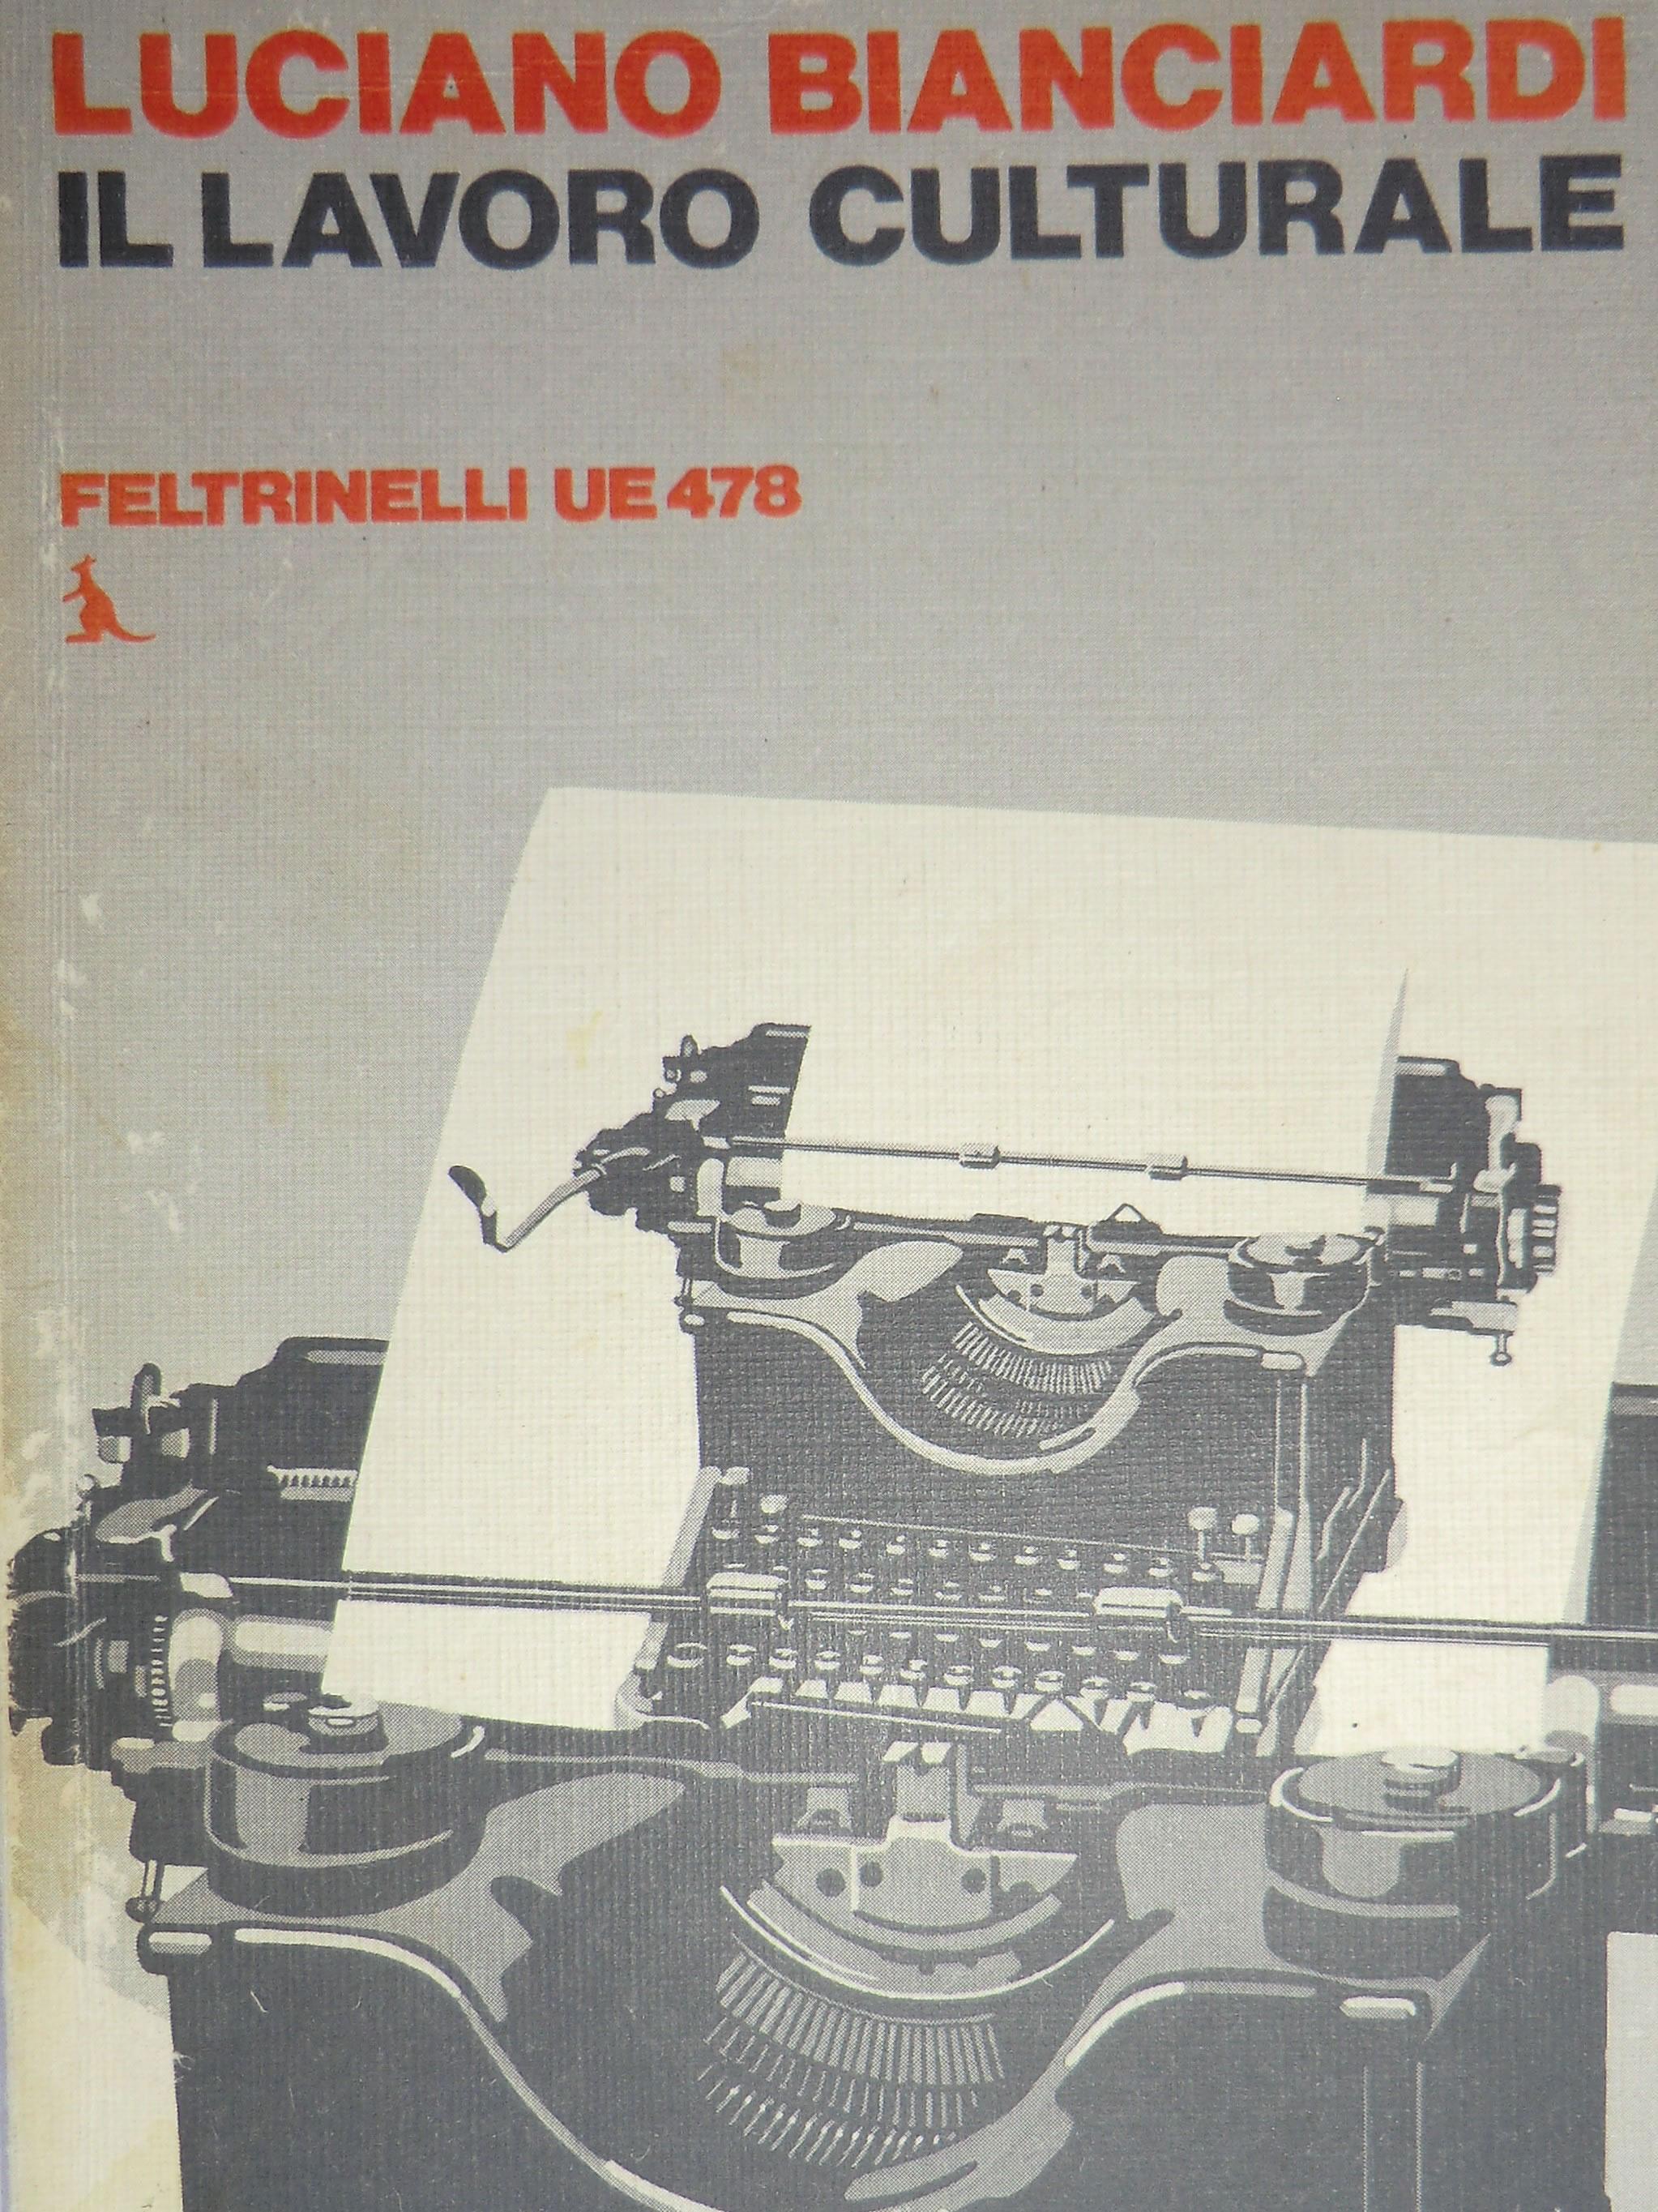 L. Bianciardi, Il lavoro culturale, Feltrinelli, Milano 1957